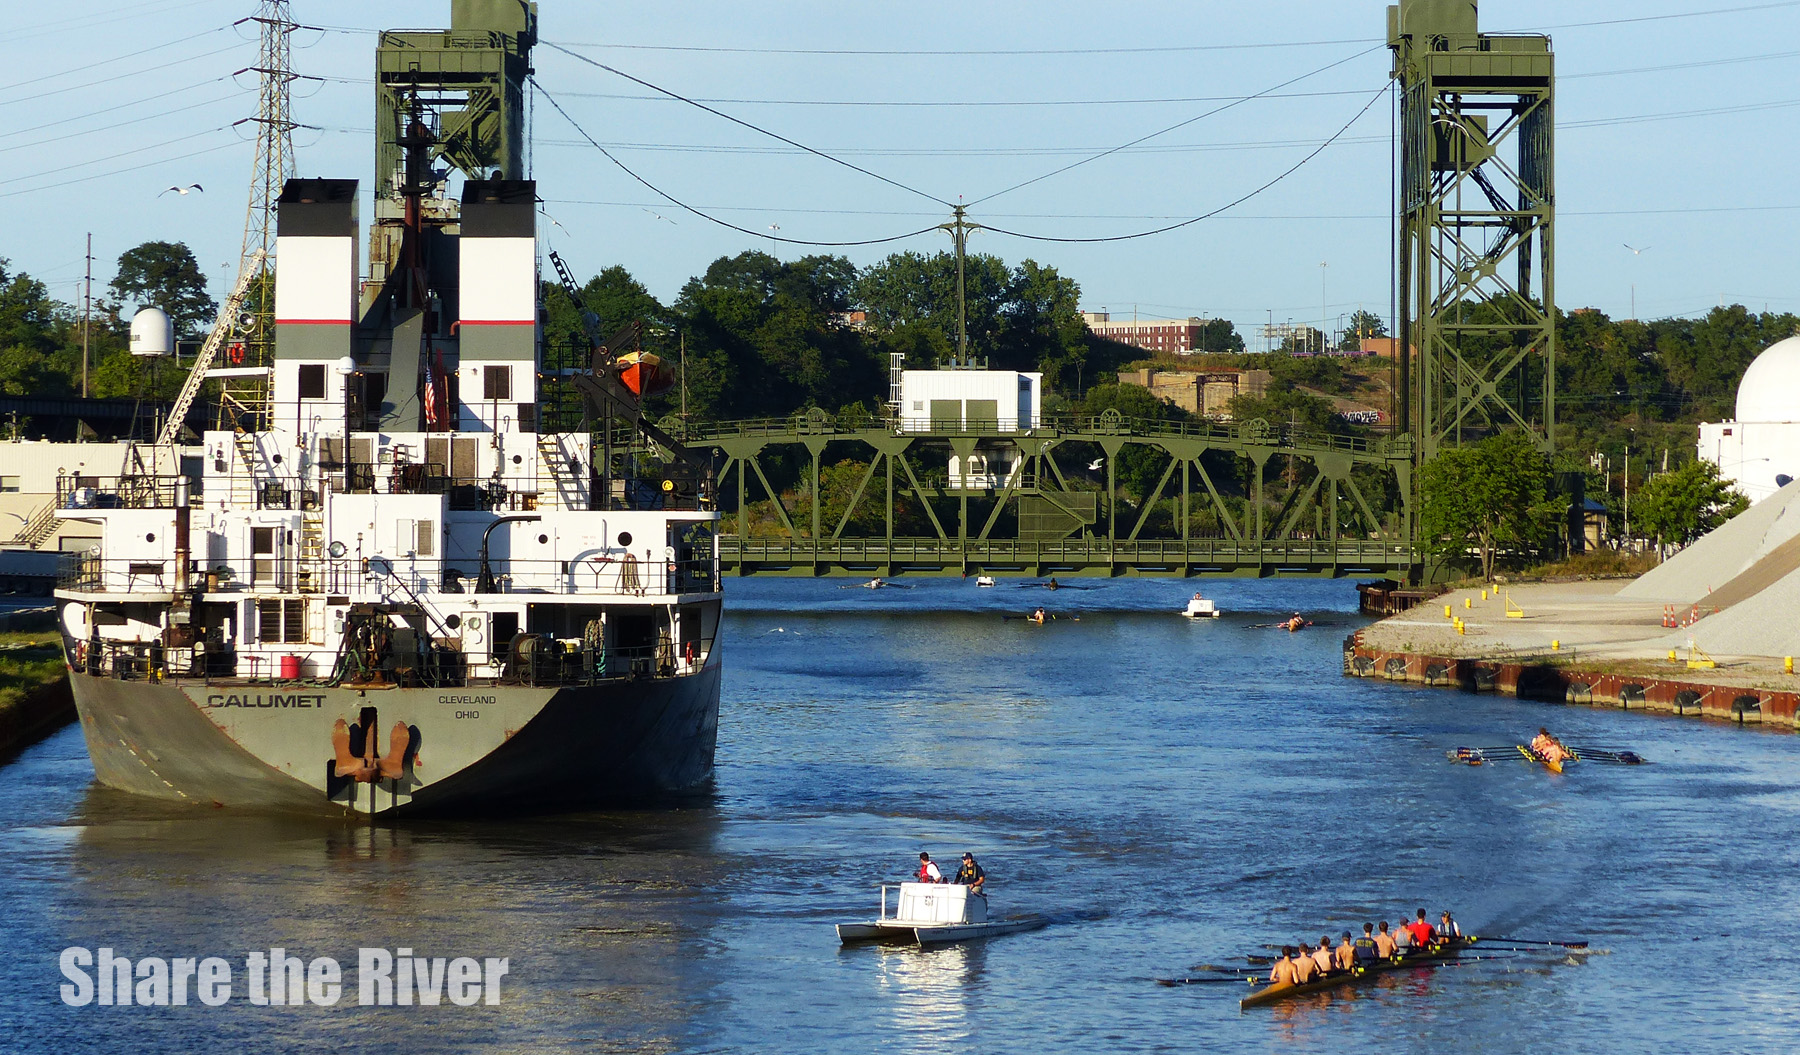 Calumet_rowers_ W 3rd Street Bridge.JPG